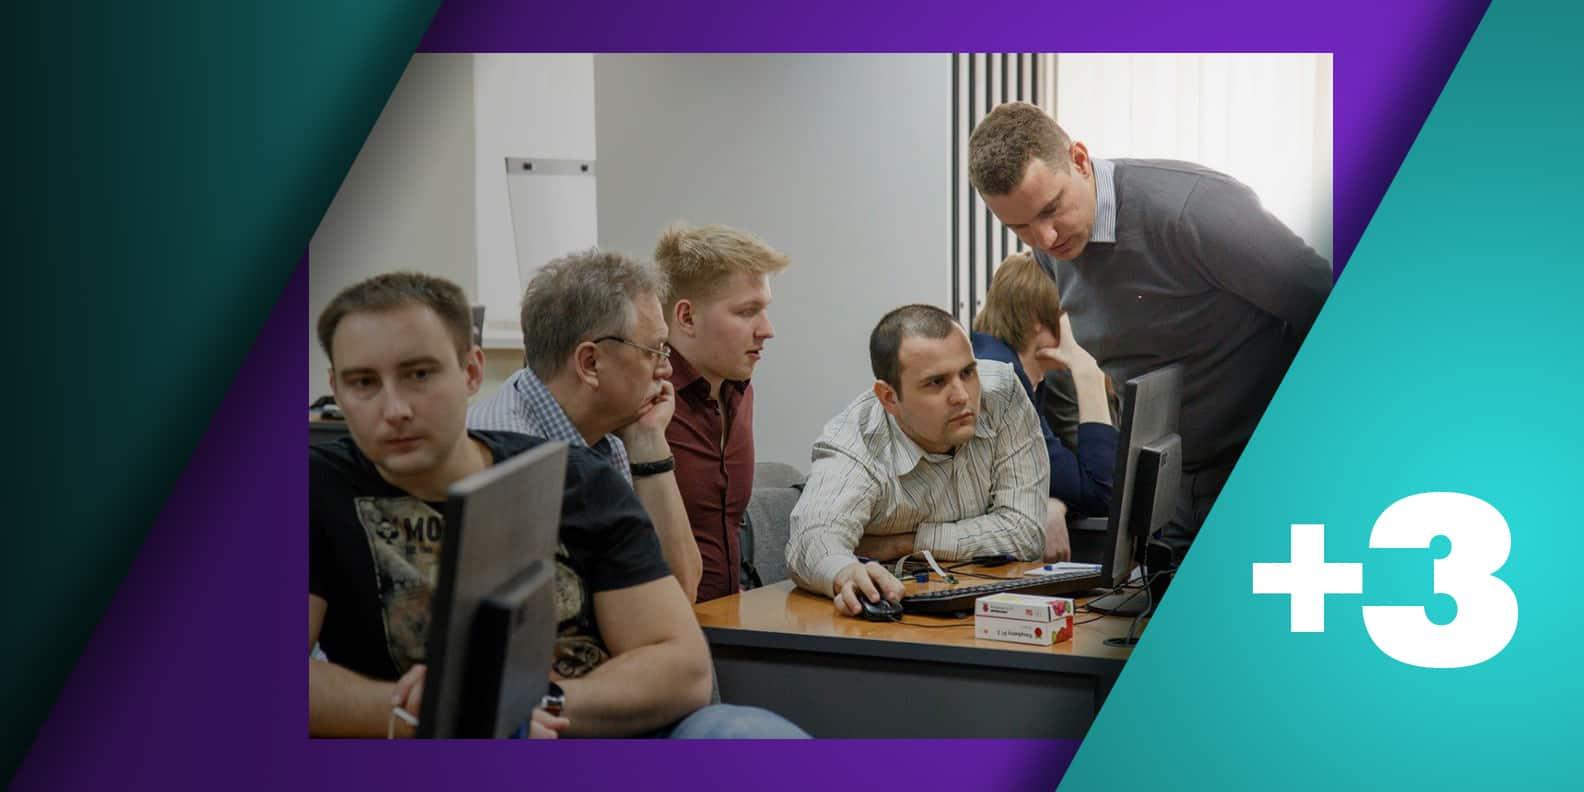 Осенью 2020 на площадке ТУСУР, регионального центра компетенций НТИ по направлению «Технологии беспроводной связи и интернета вещей» по Сибирскому, Уральскому и Дальневосточному федеральным округам (СФО, УФО, ДВФО), проведены 3 новые…